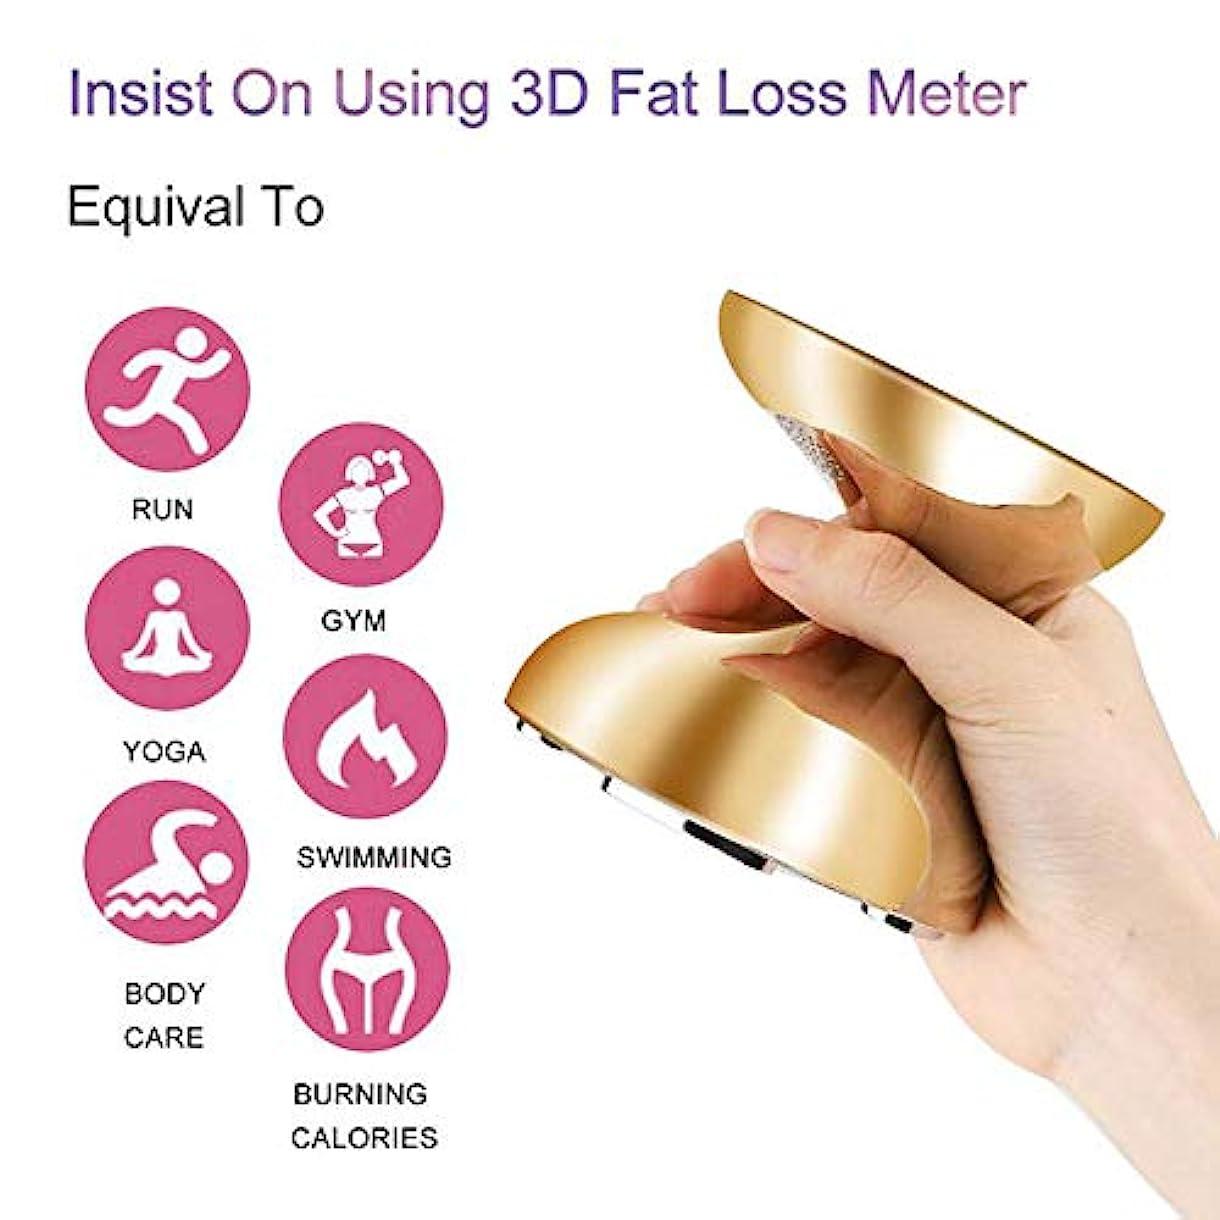 期限切れ乳剤水美容痩身ボディ楽器多機能 RF 超音波皮膚リフティング若返り脂肪バーナー高周波機器,Gold